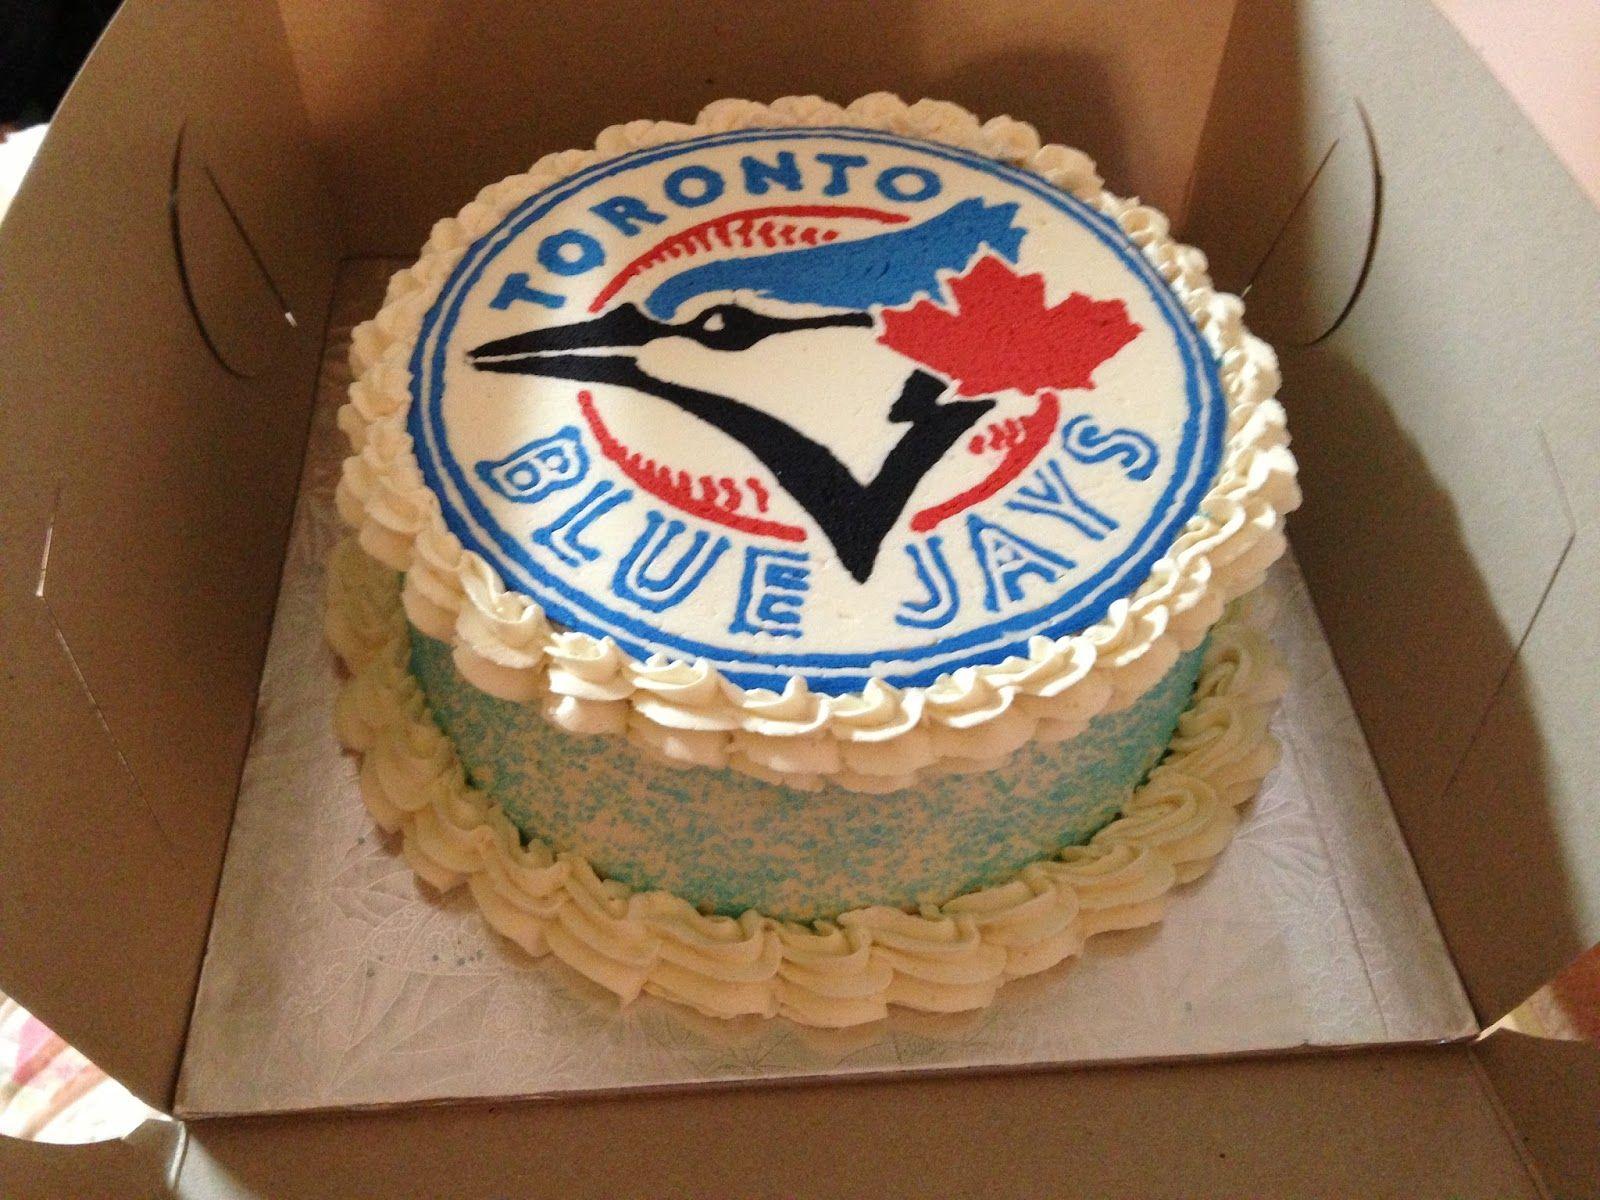 Crafting Baker Toronto Blue Jays Birthday Cake Kids birthday cake